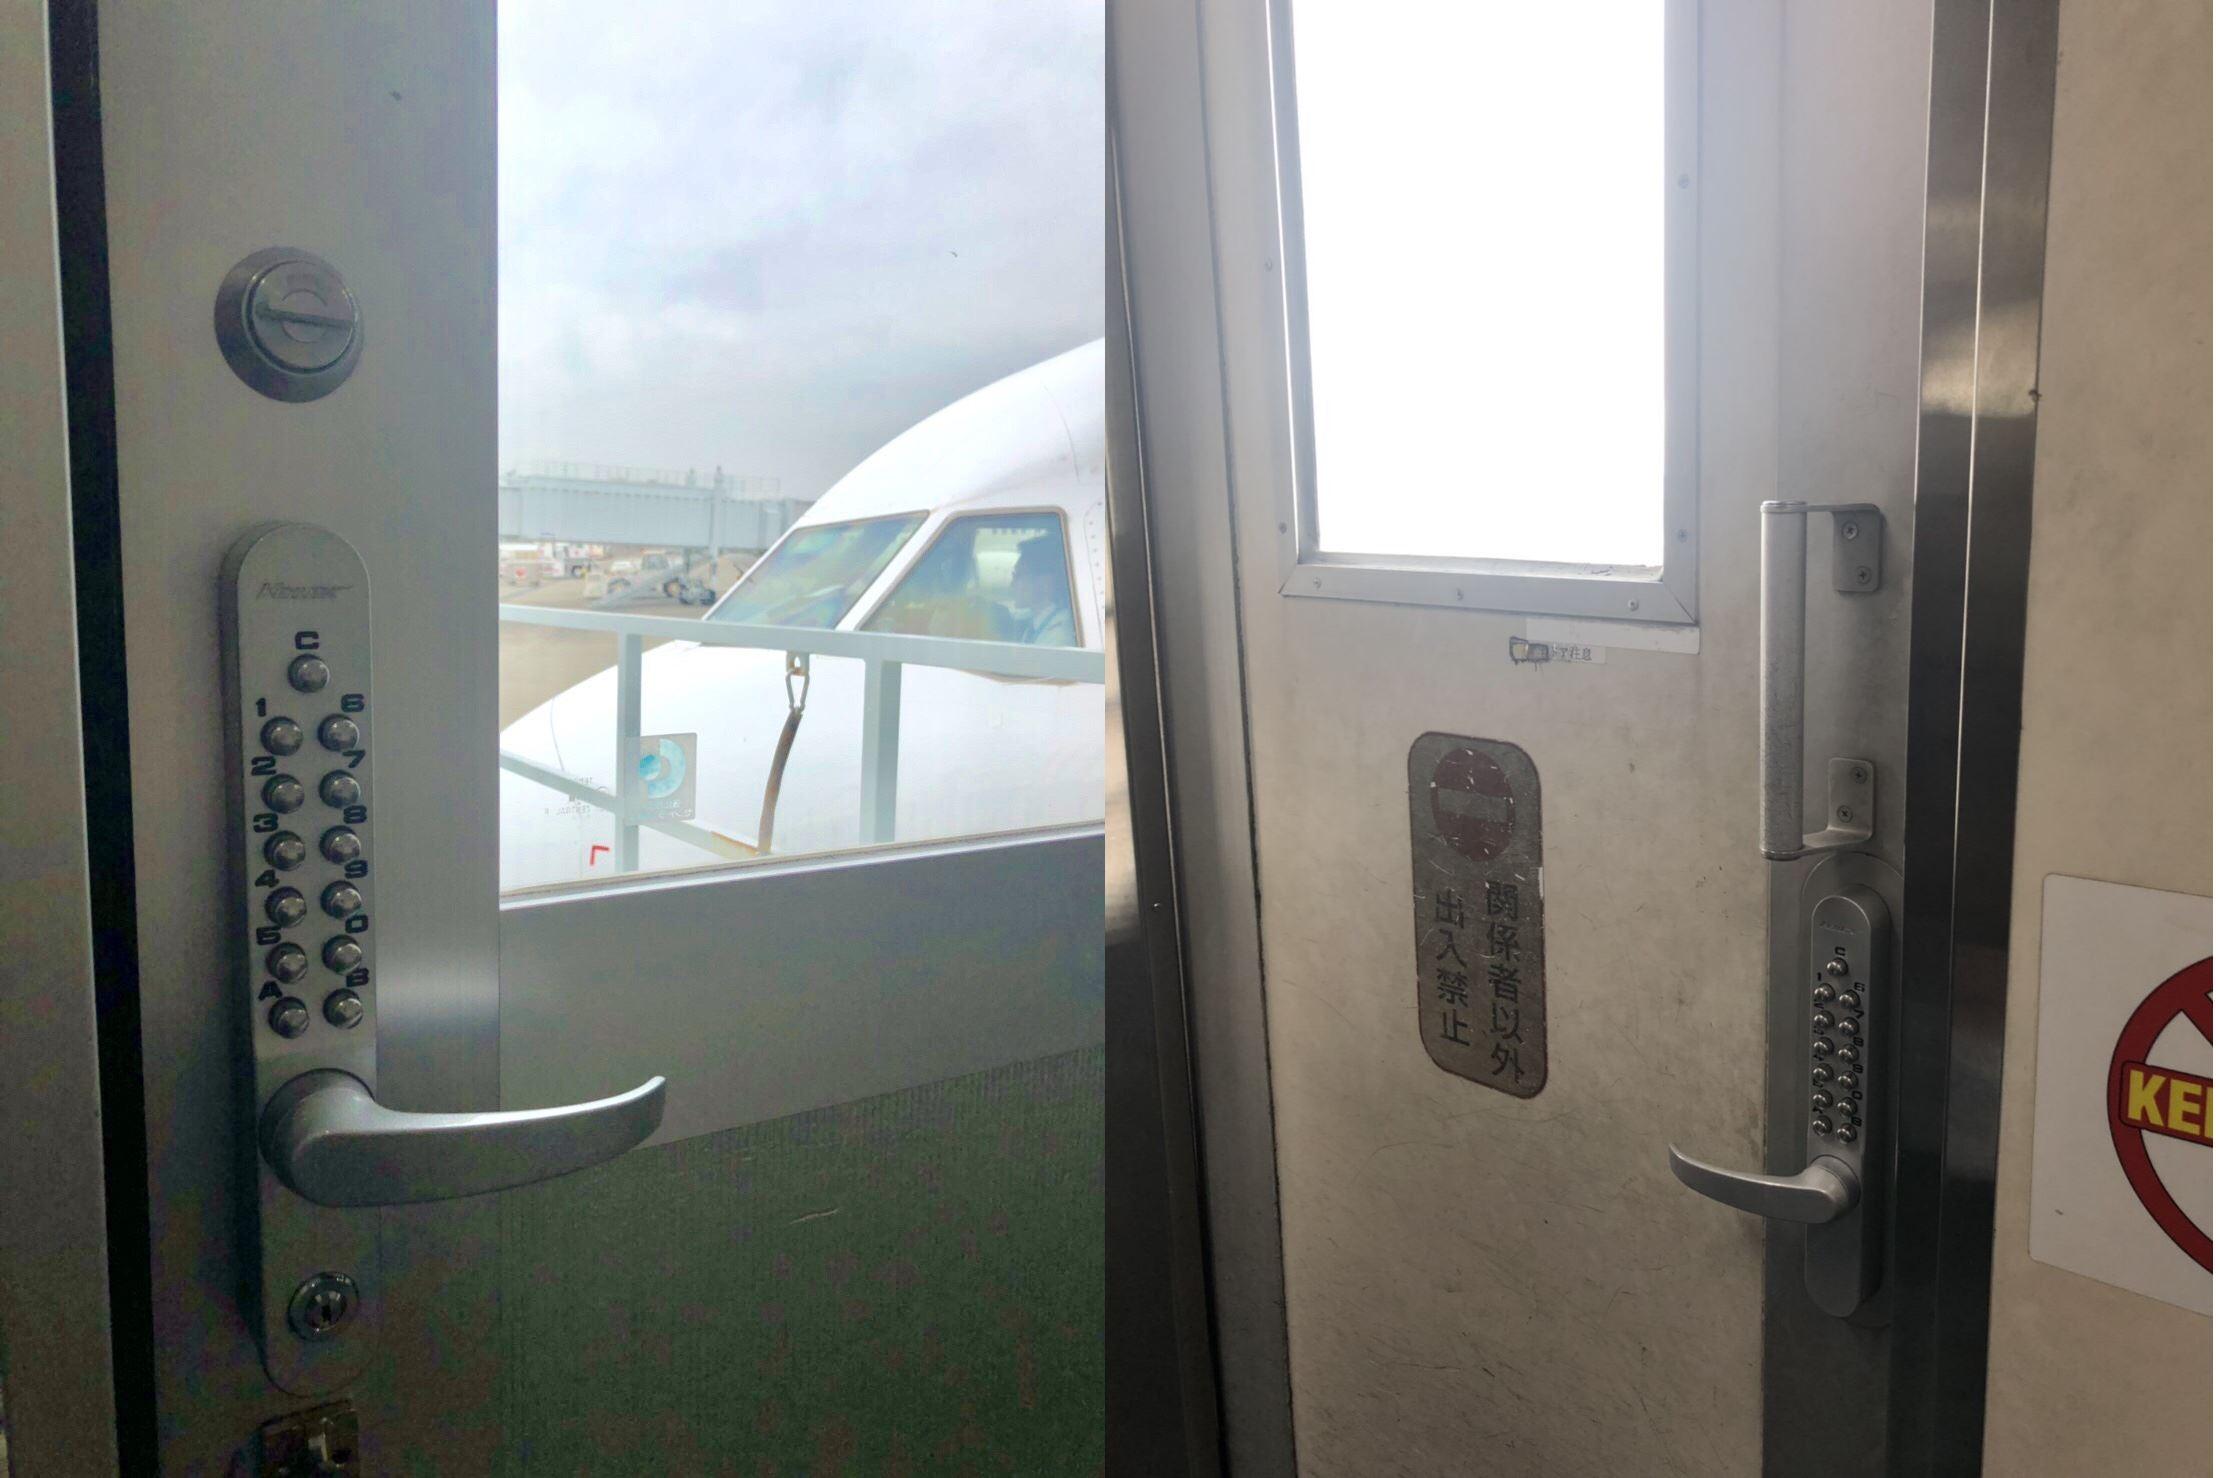 Tokyo Int'l Airport